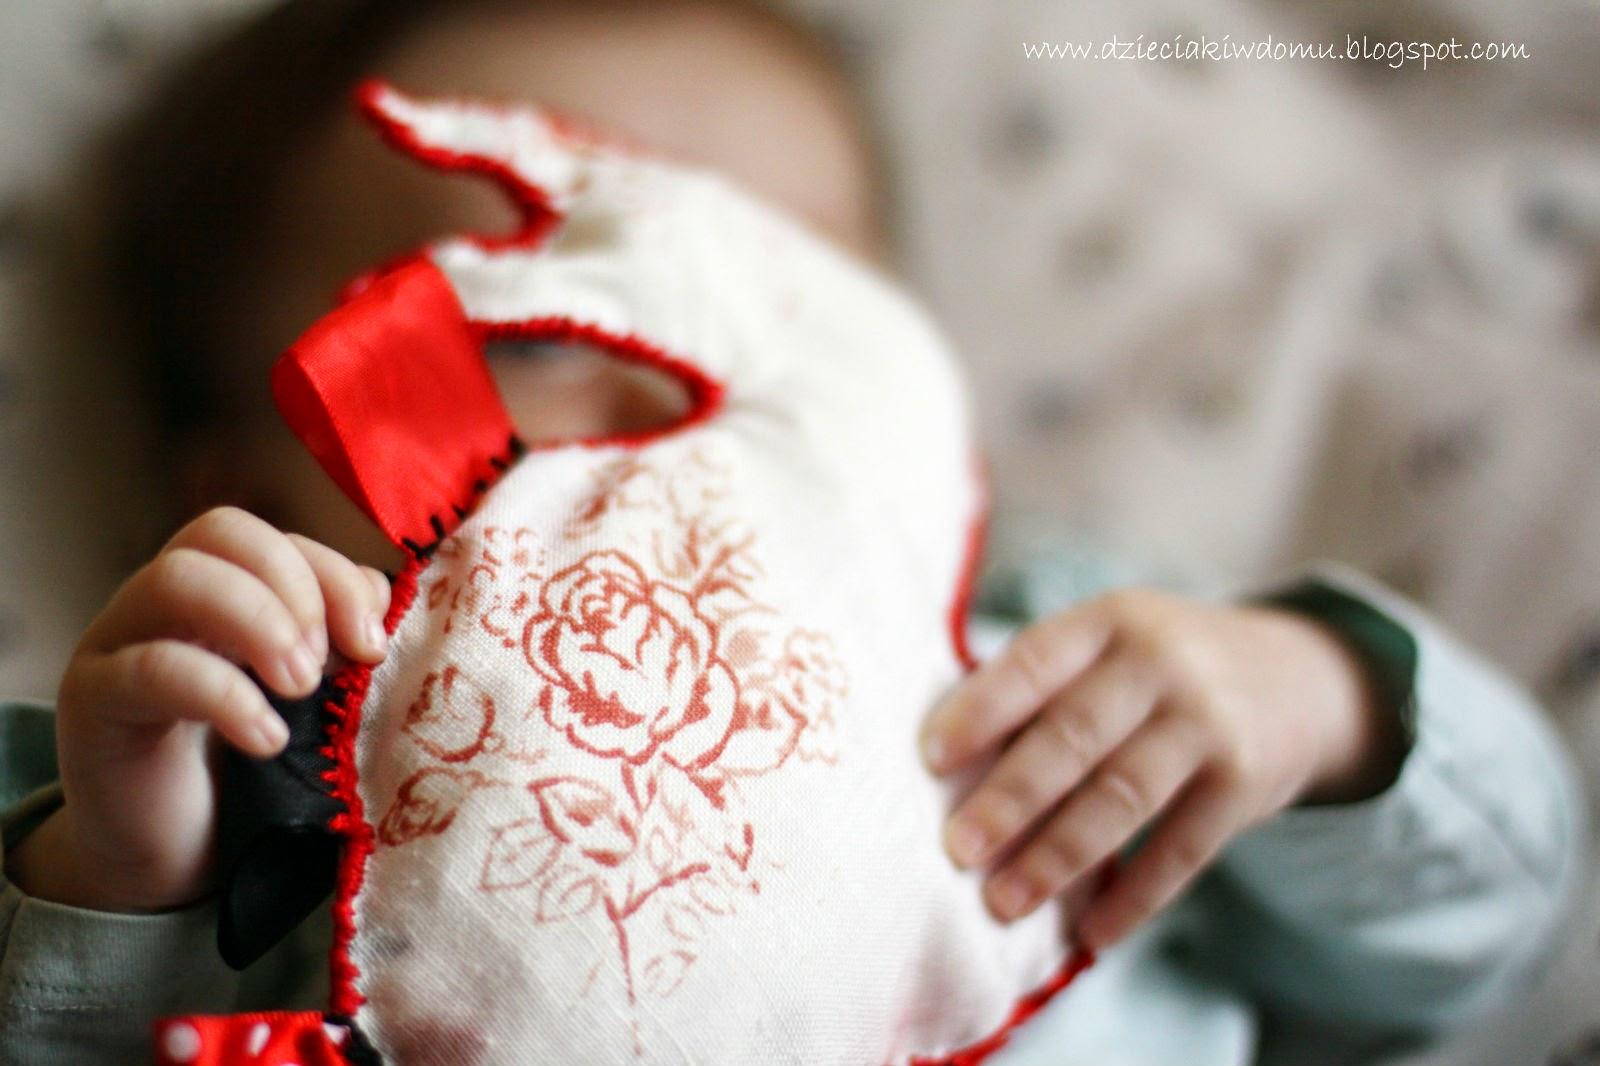 zajączek metkowiec - własnoręcznie uszyta zabawka dla niemowlaka